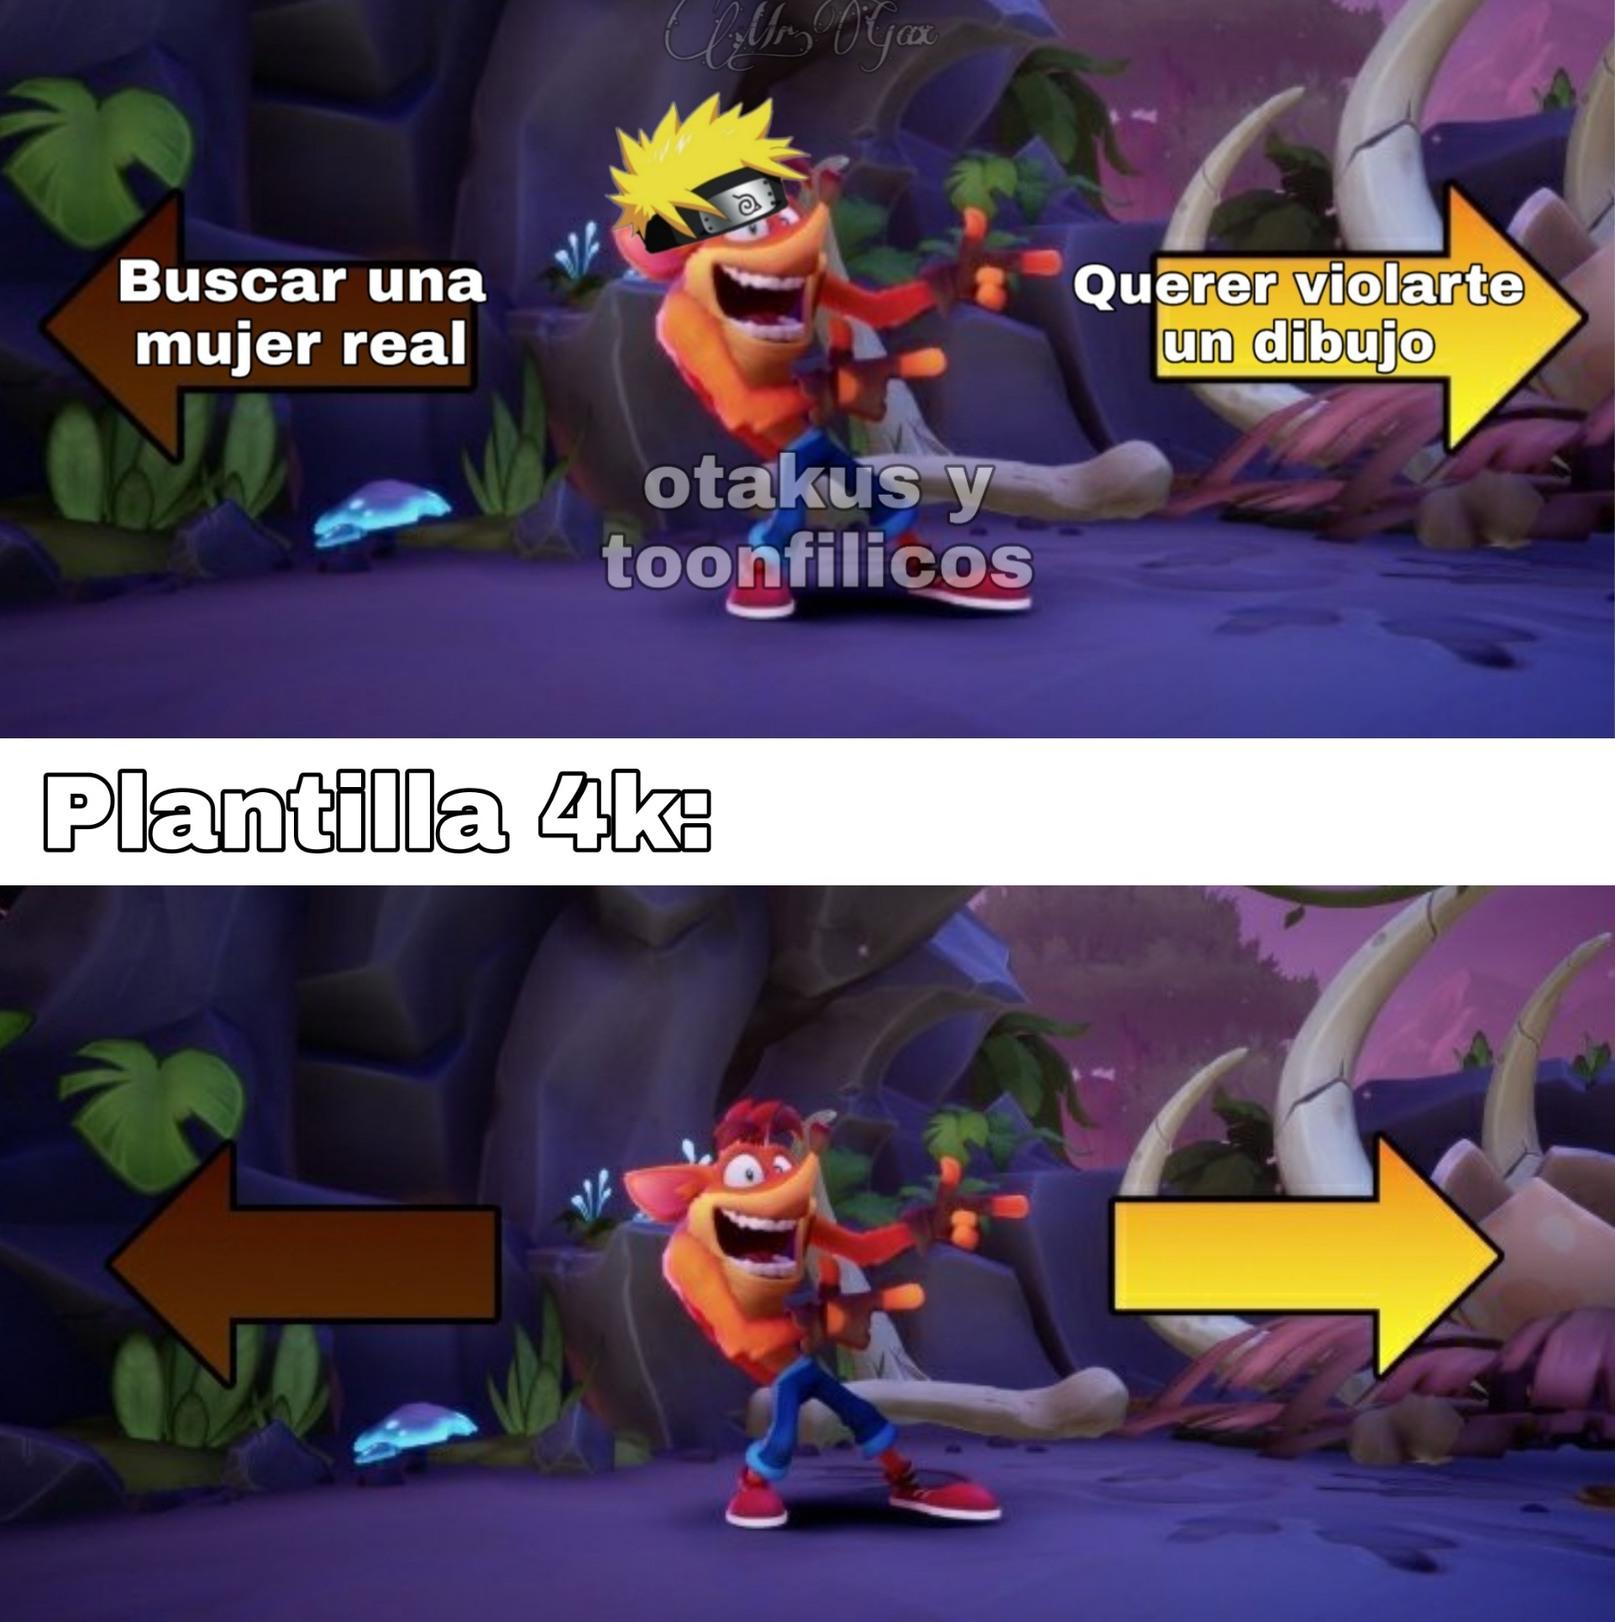 La plantilla está en ps5 - meme